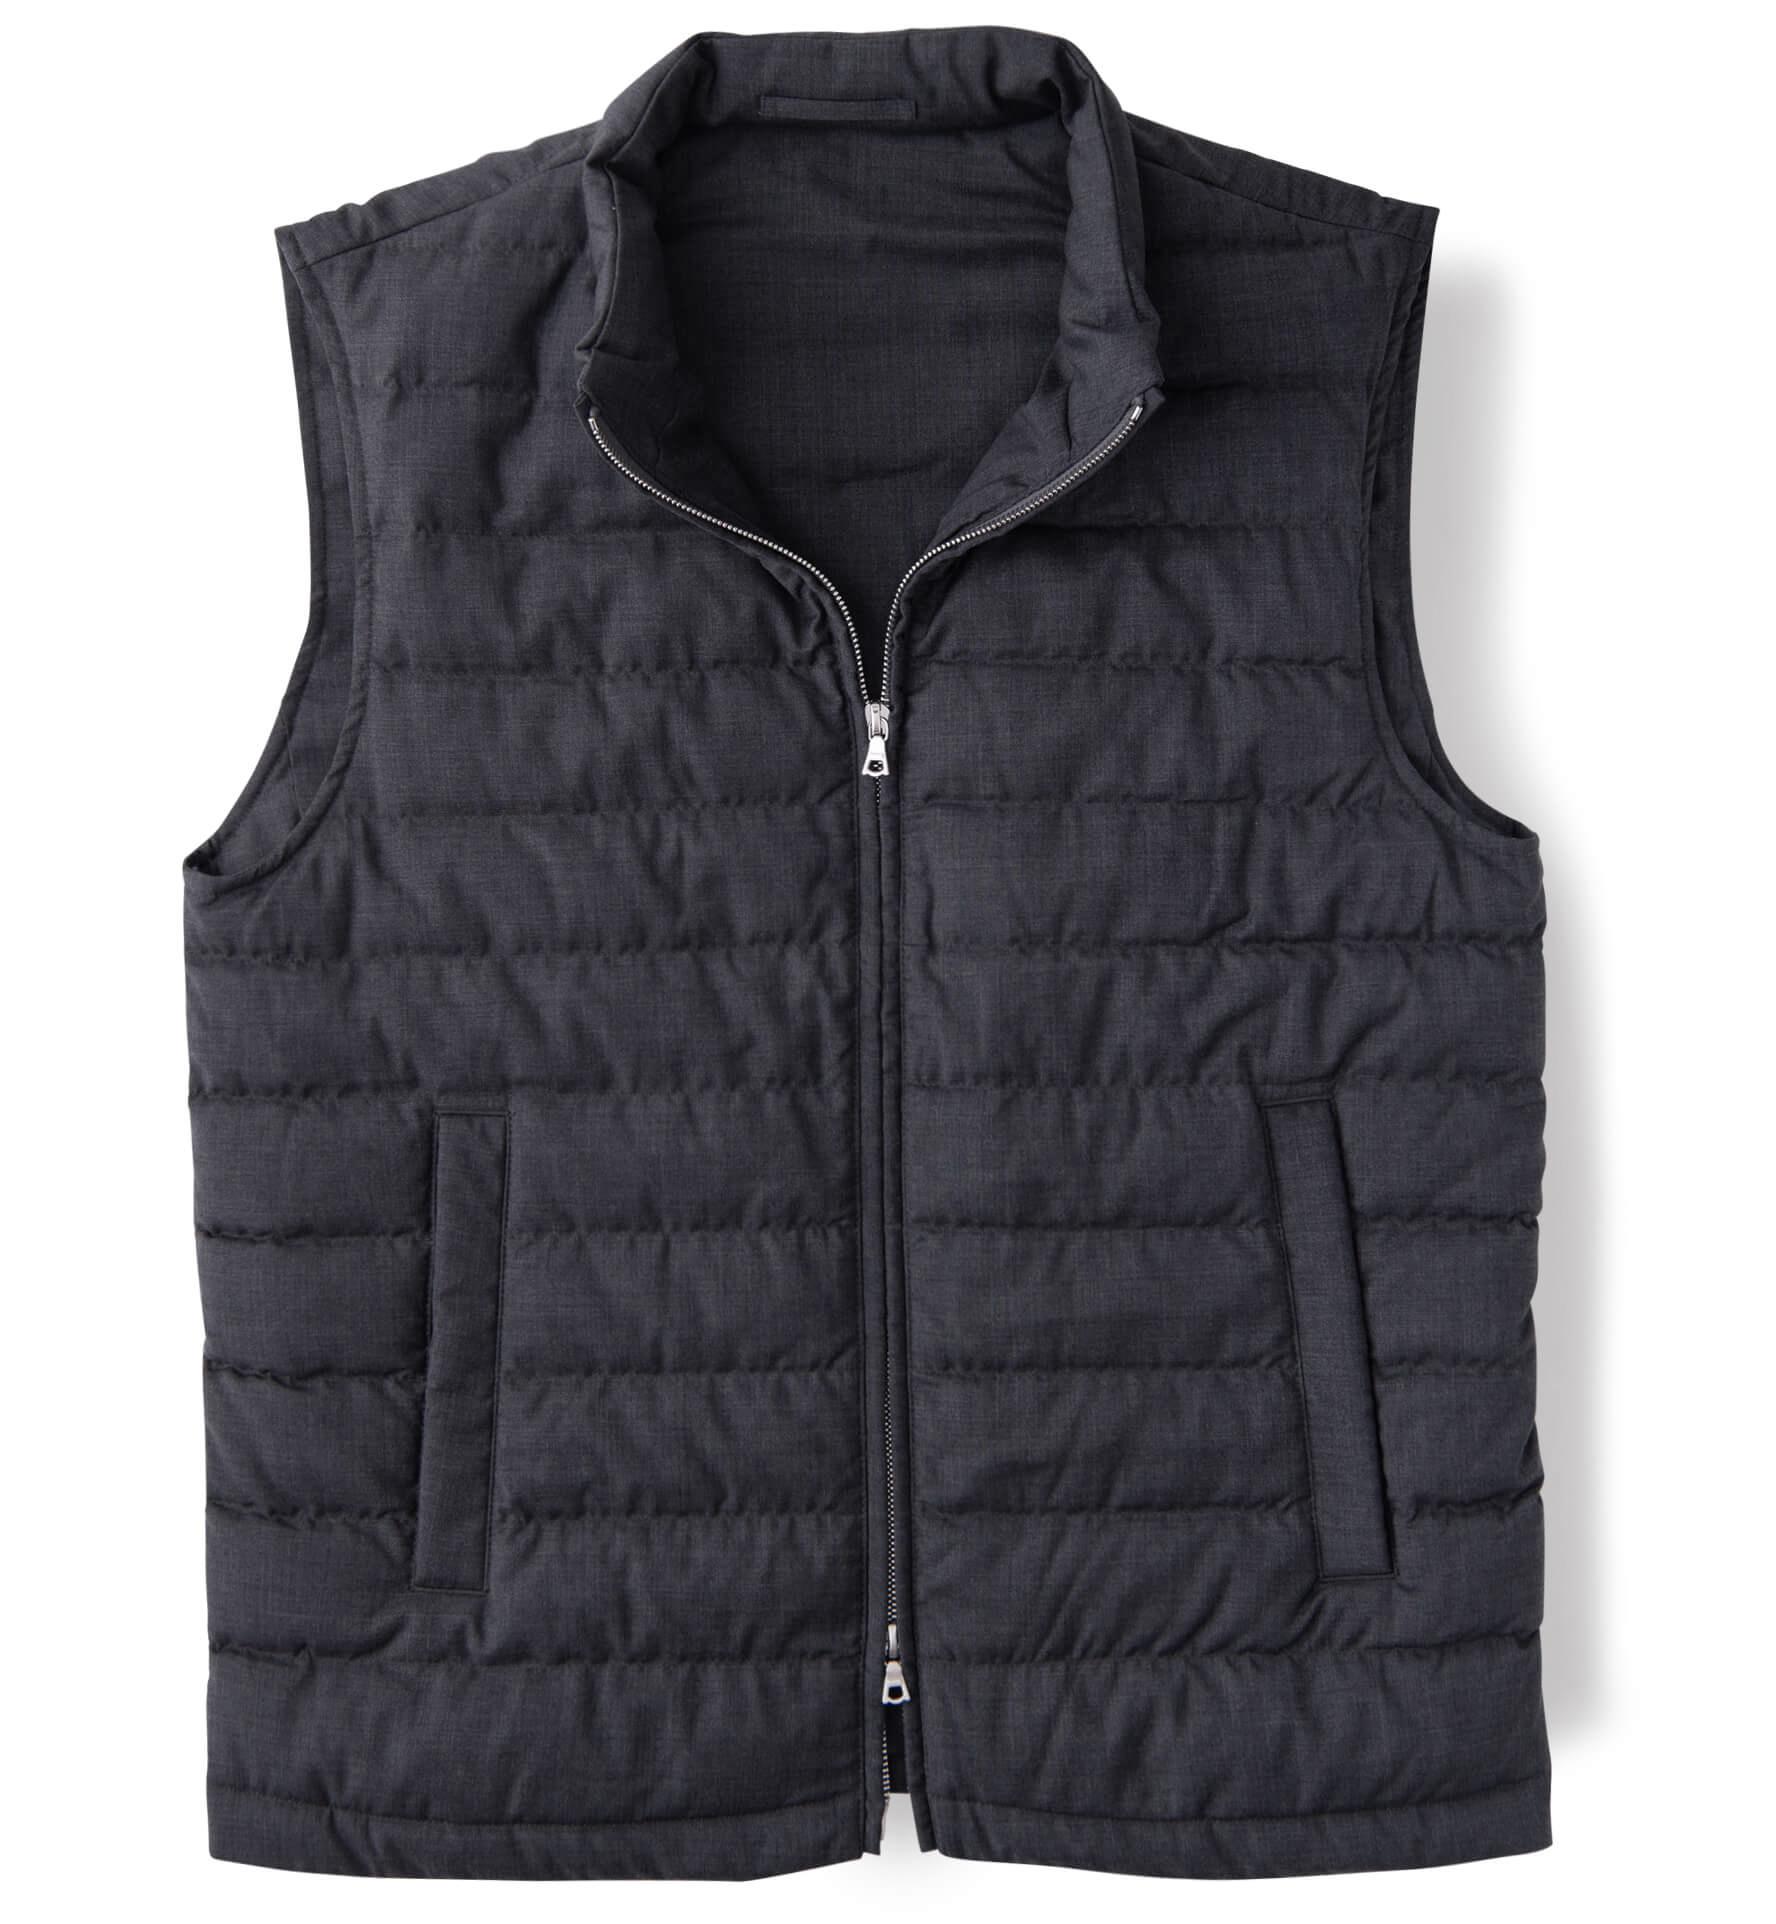 Zoom Image of Brera II Dark Grey Merino Wool Zip Vest